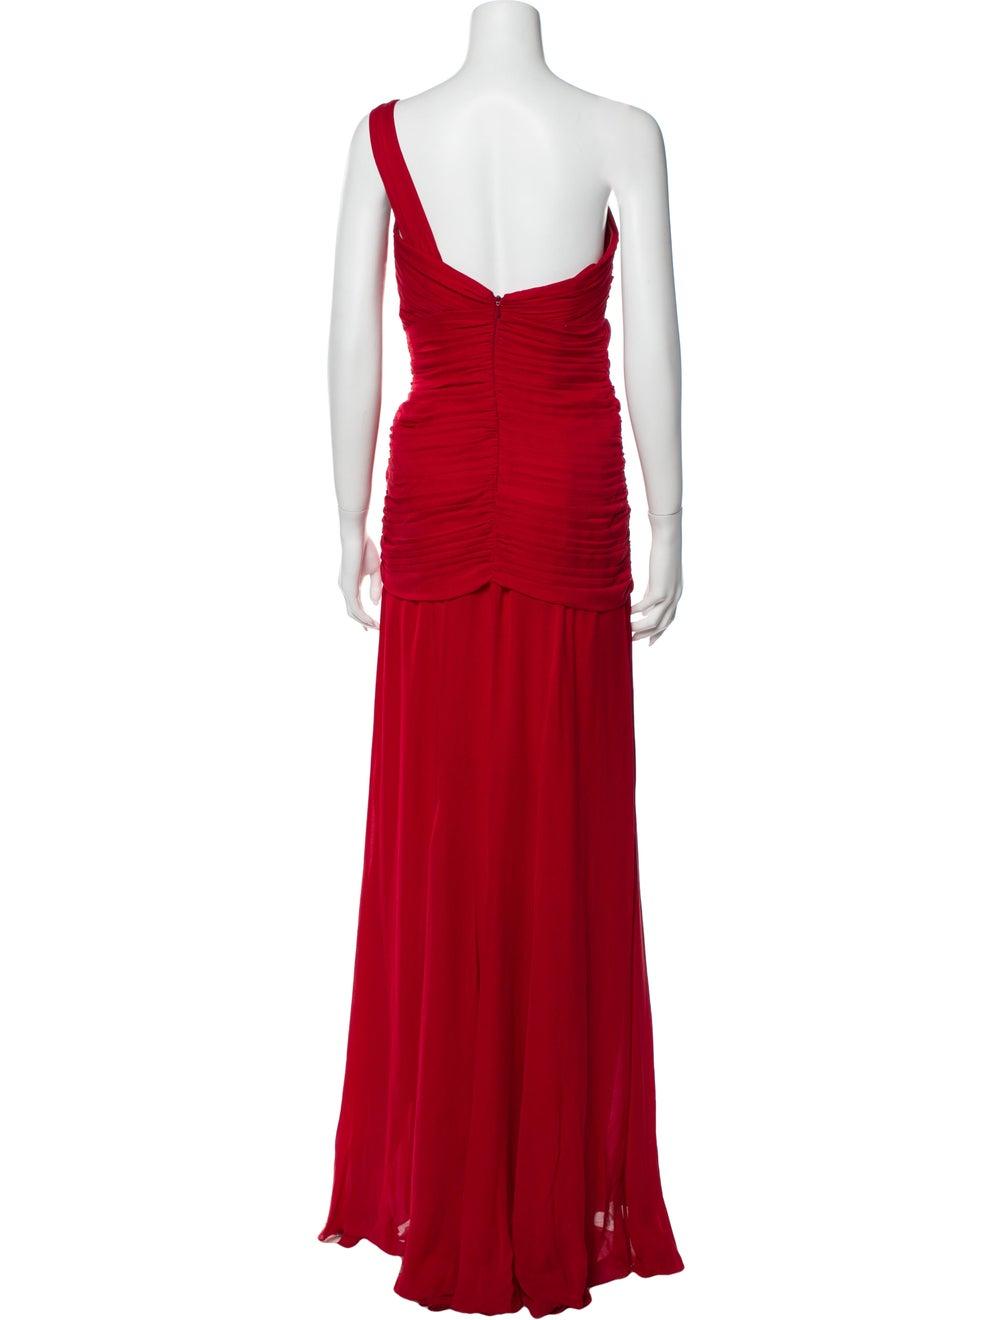 Nicole Miller One-Shoulder Long Dress Red - image 3